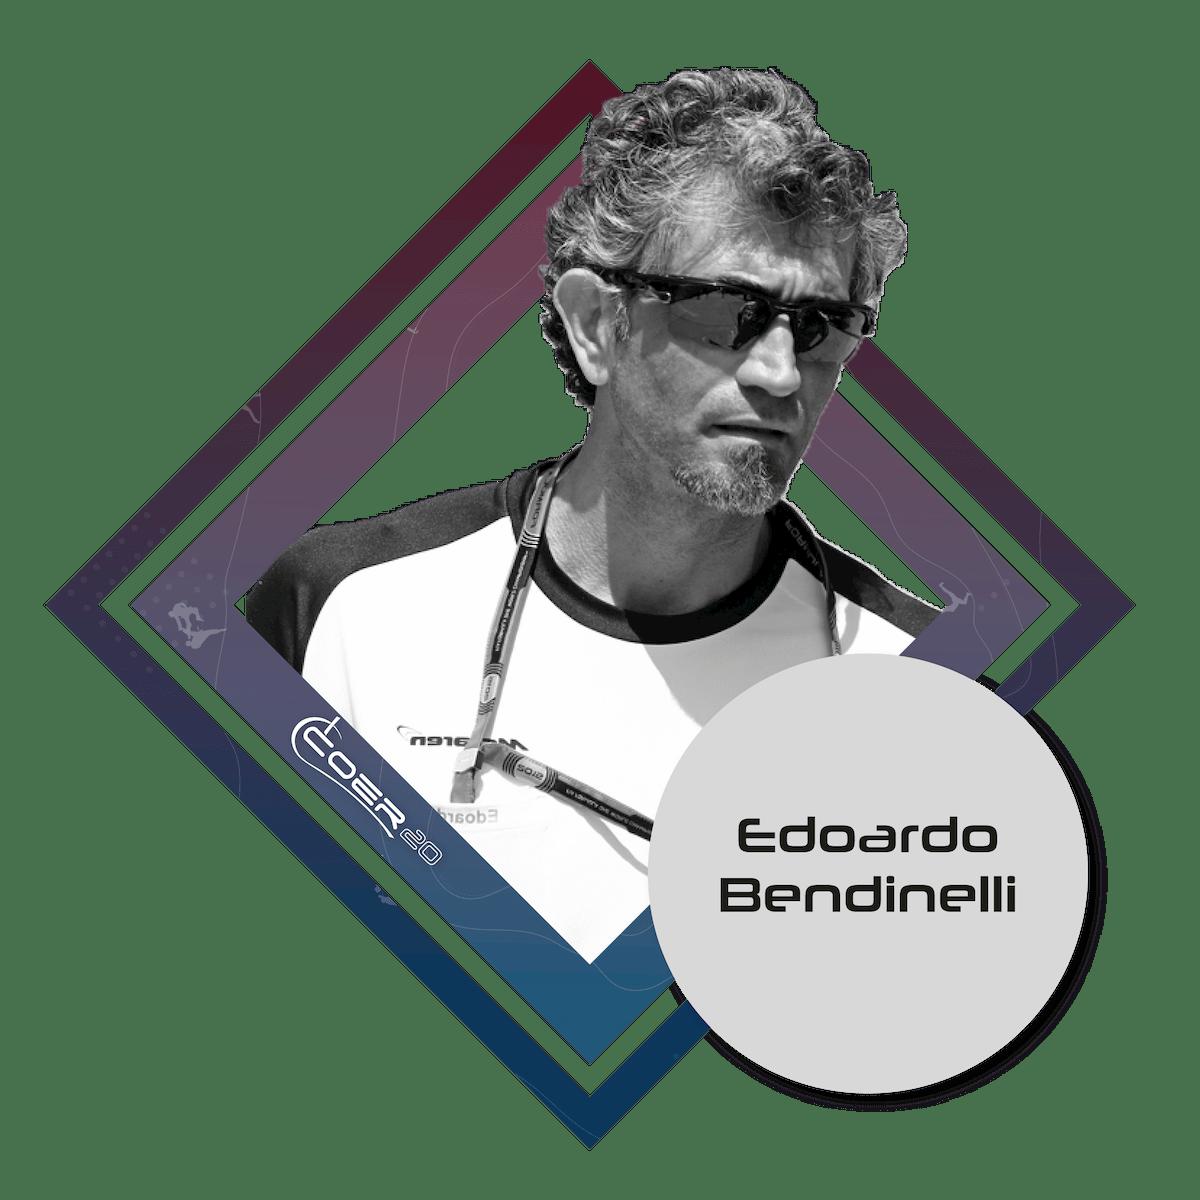 Edoardo Bendinelli